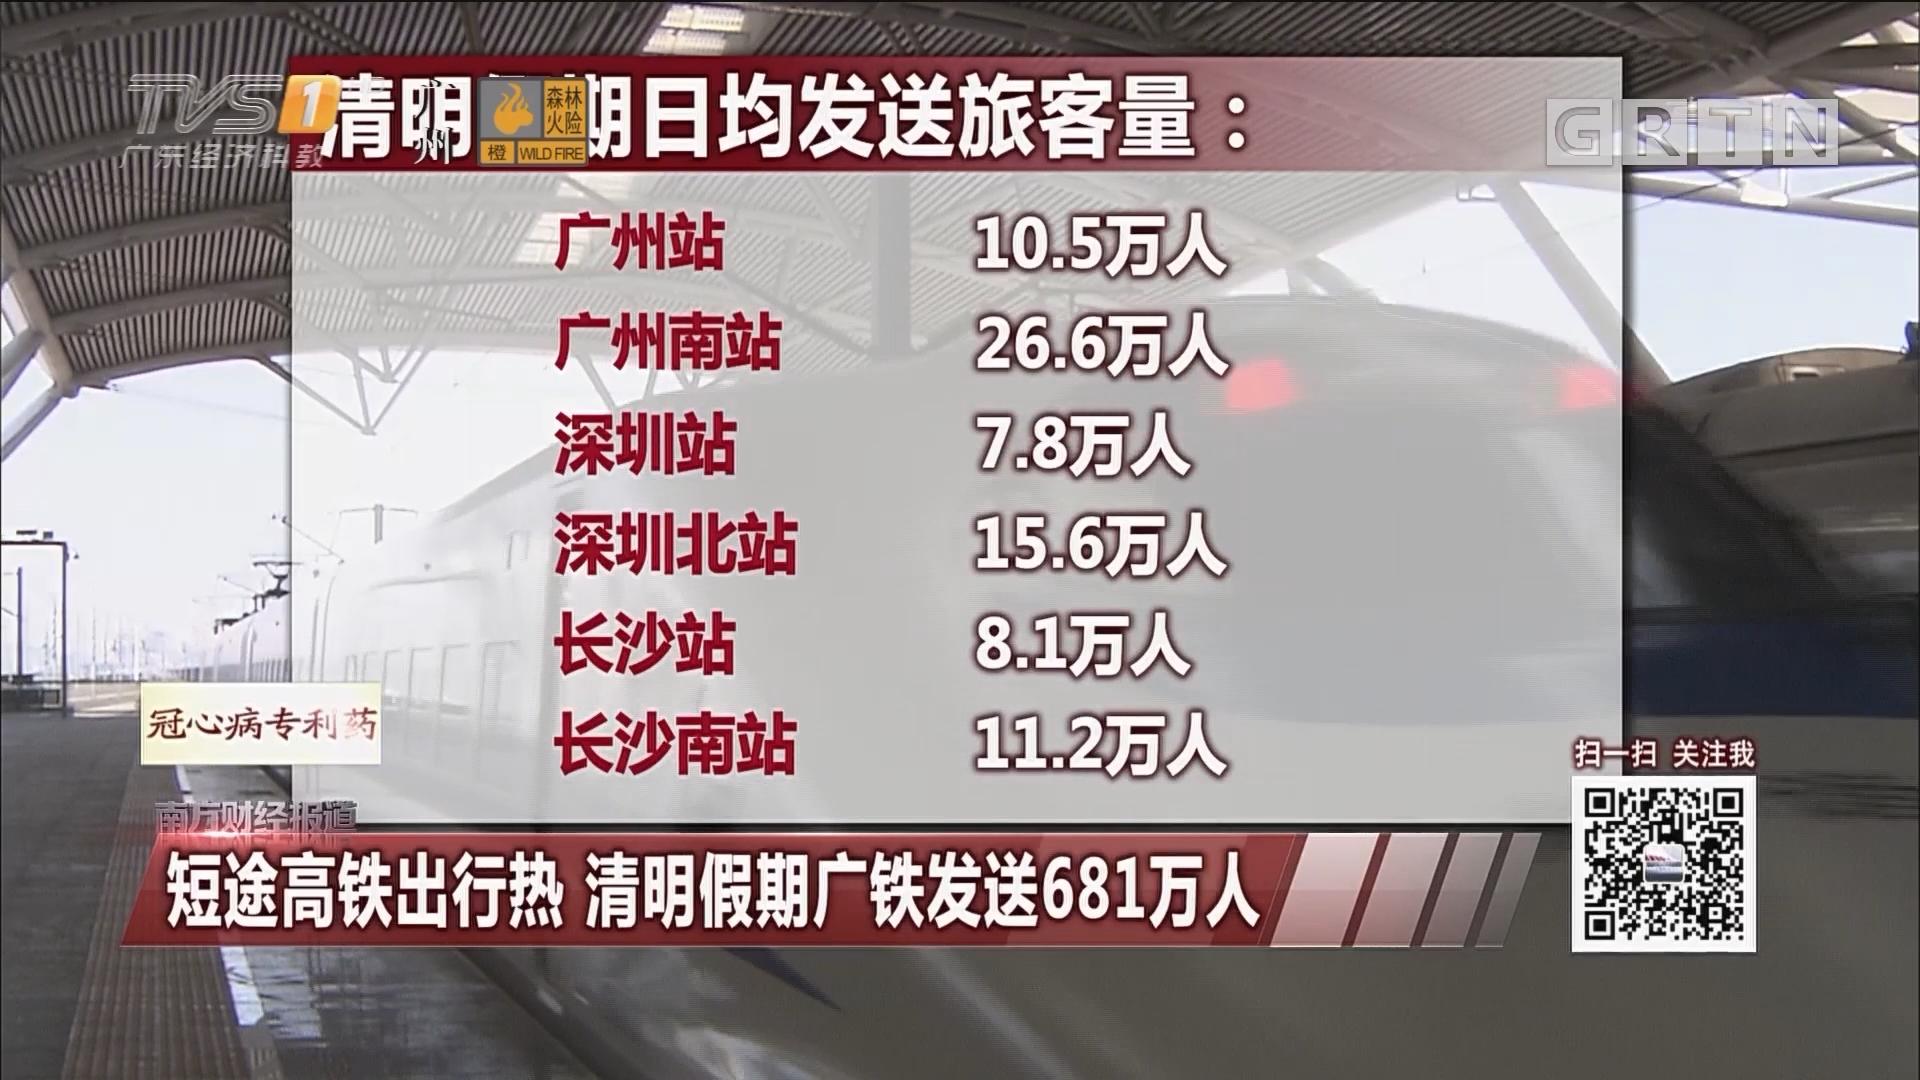 短途高铁出行热 清明假期广铁发送681万人